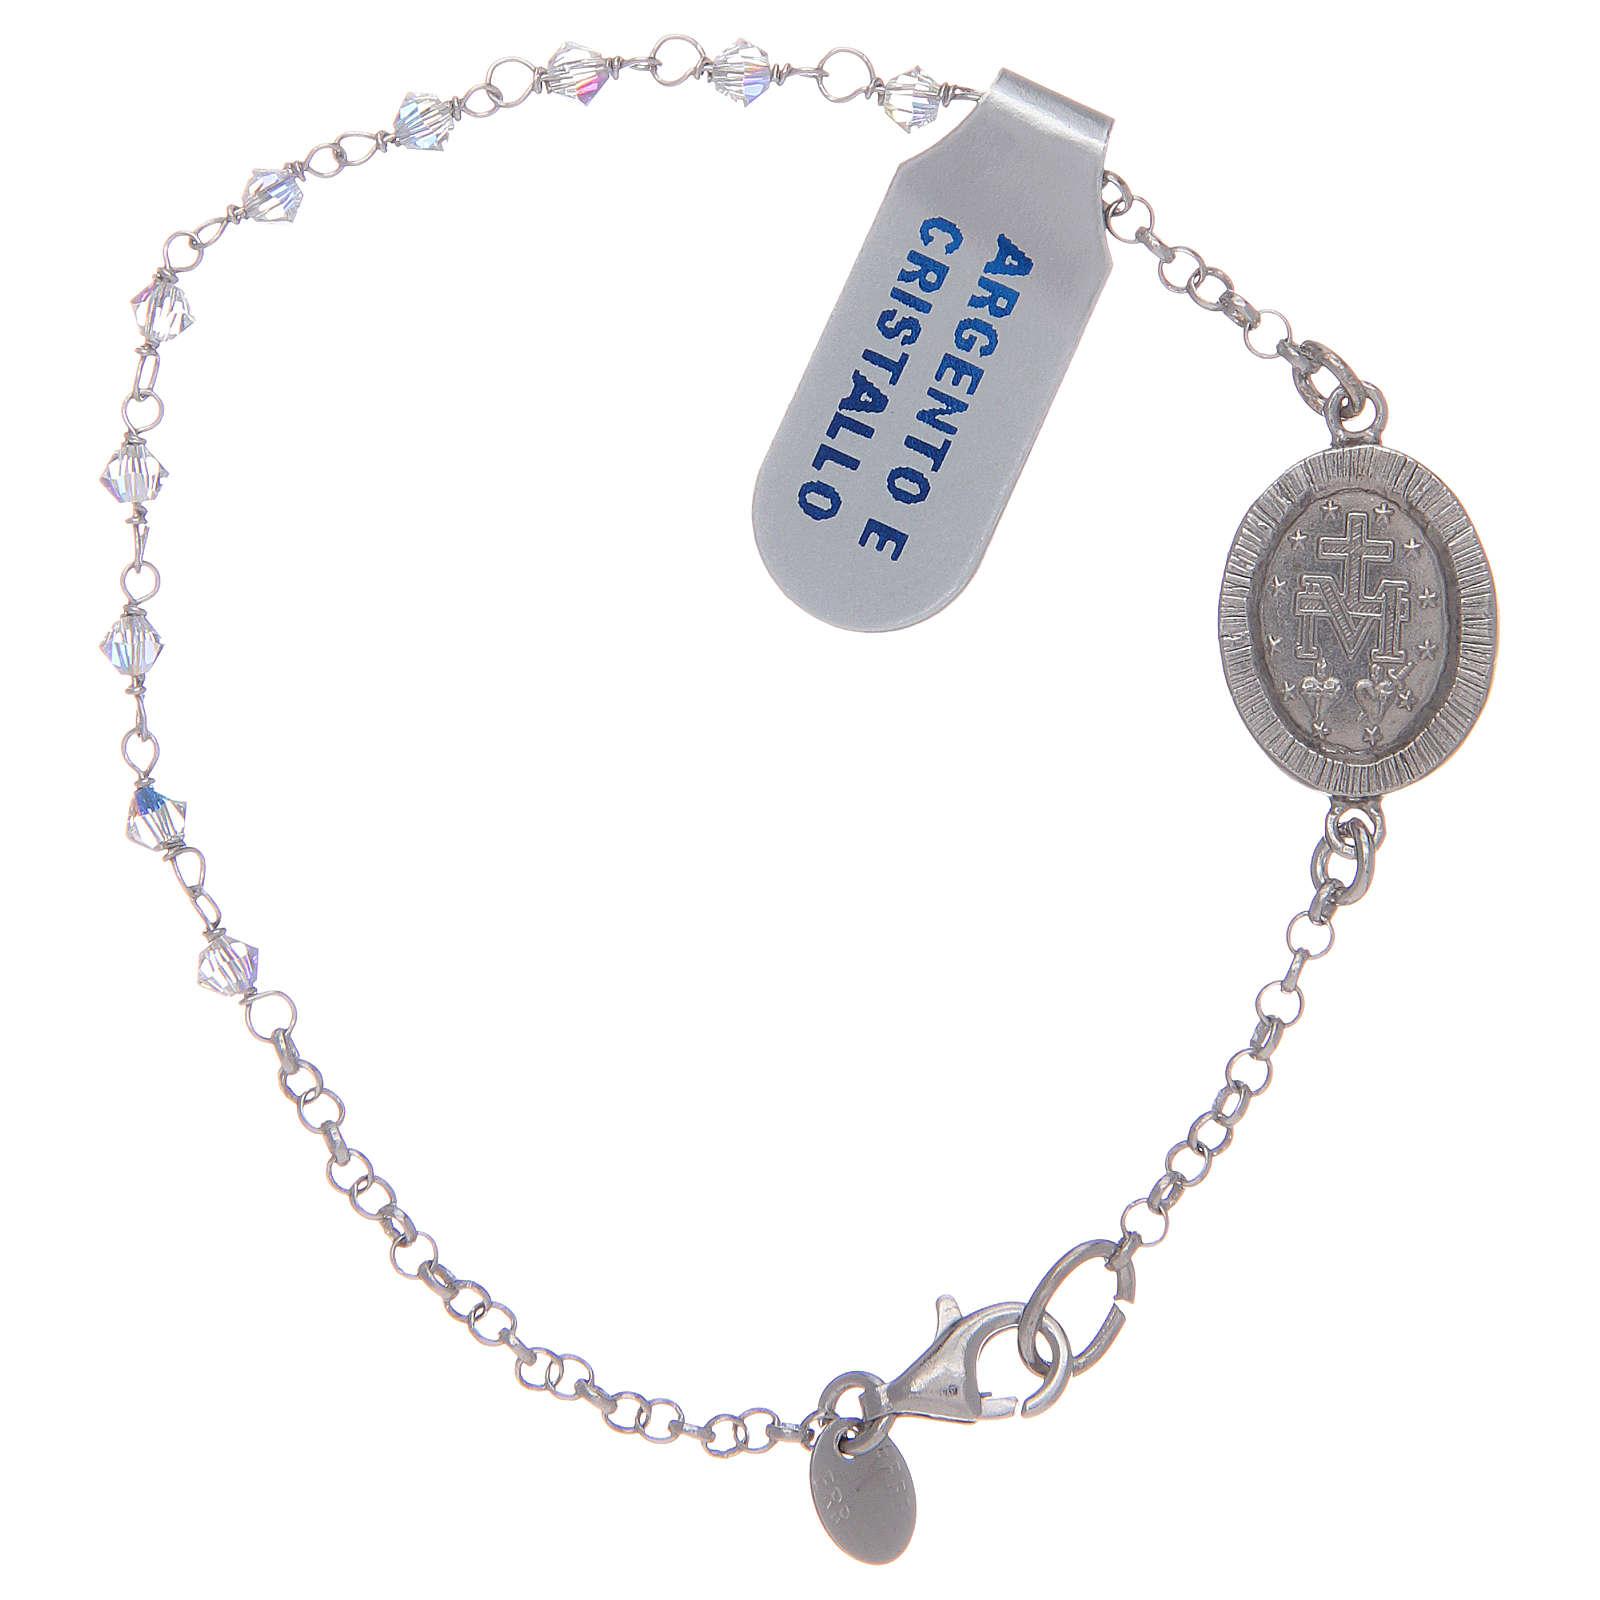 Pulsera circones transparentes Medalla Virgen Milagrosa plata 925 4